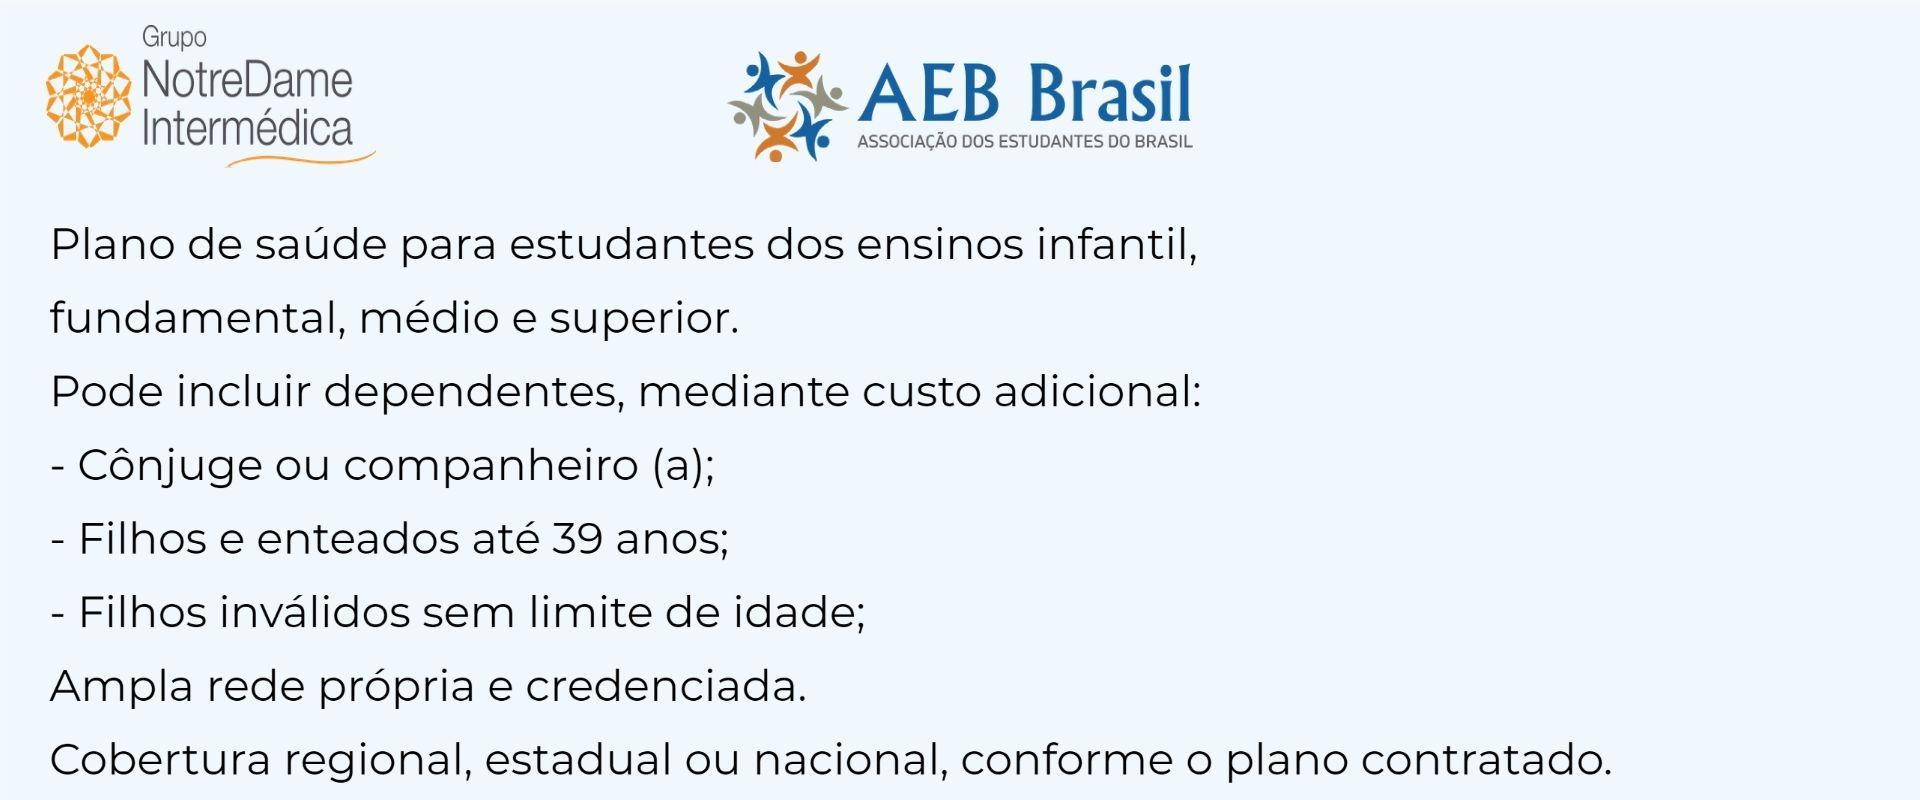 Notredame Intermédica AEB-RJ